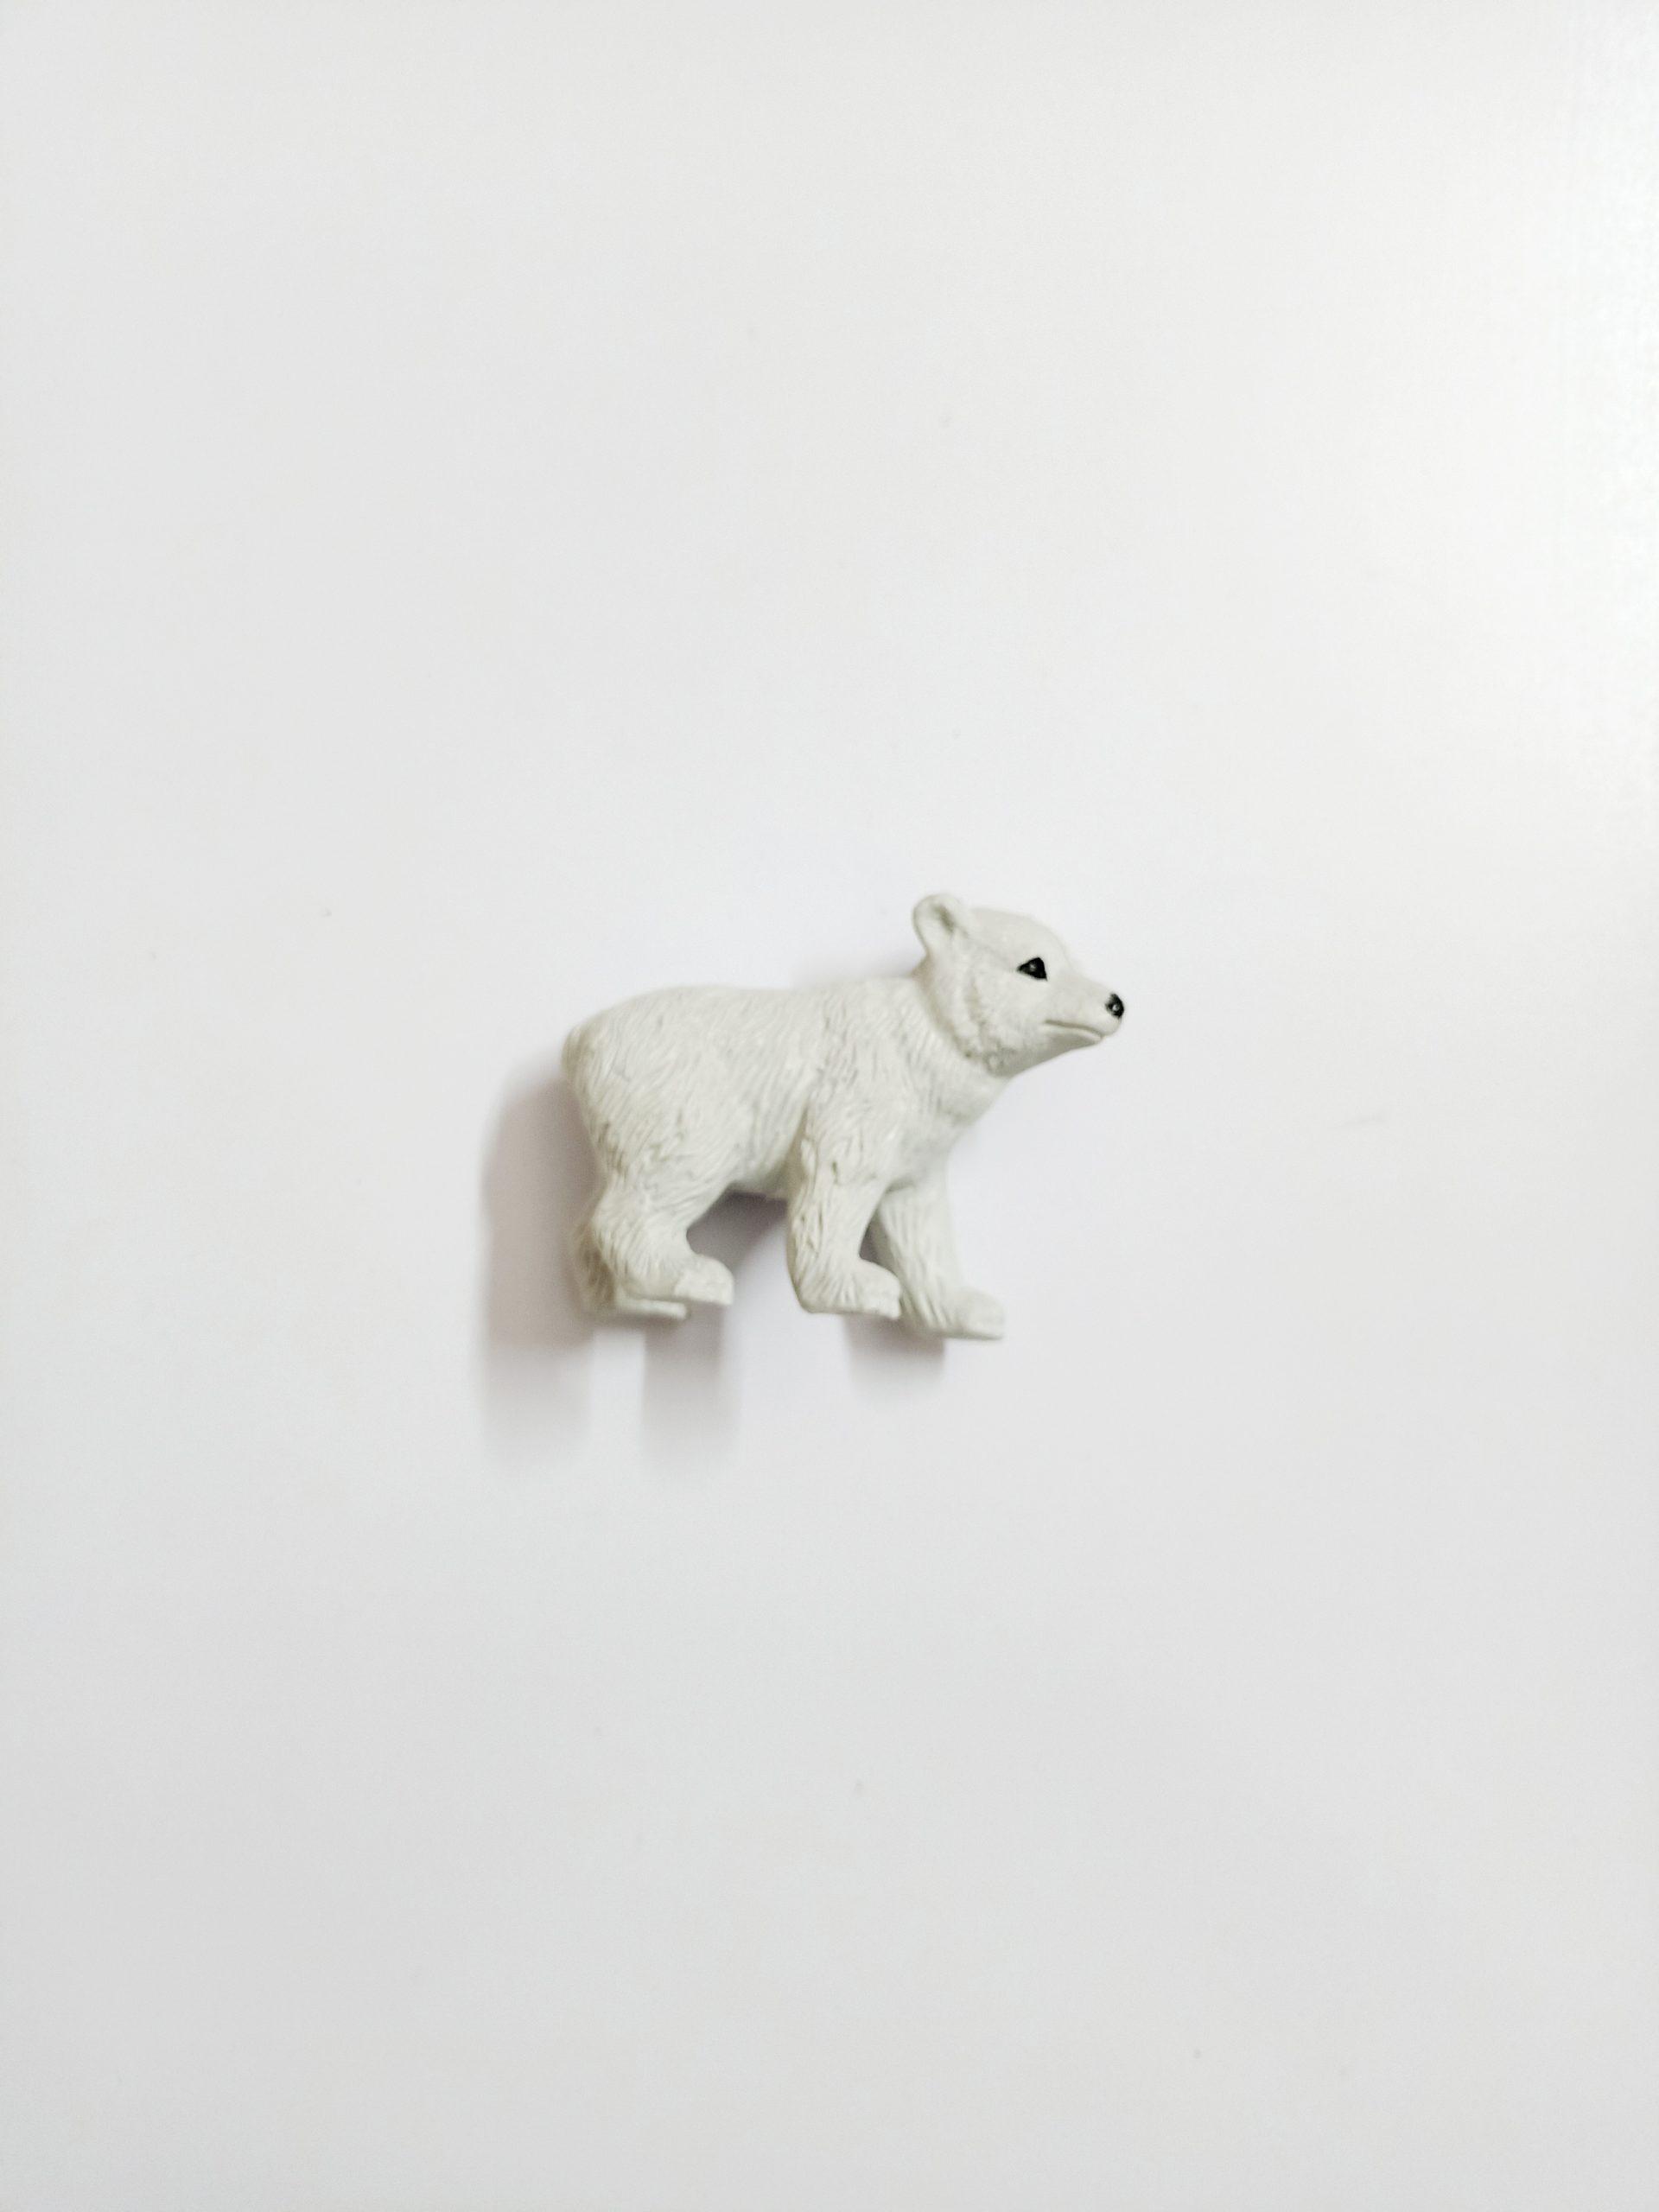 A polar bear toy